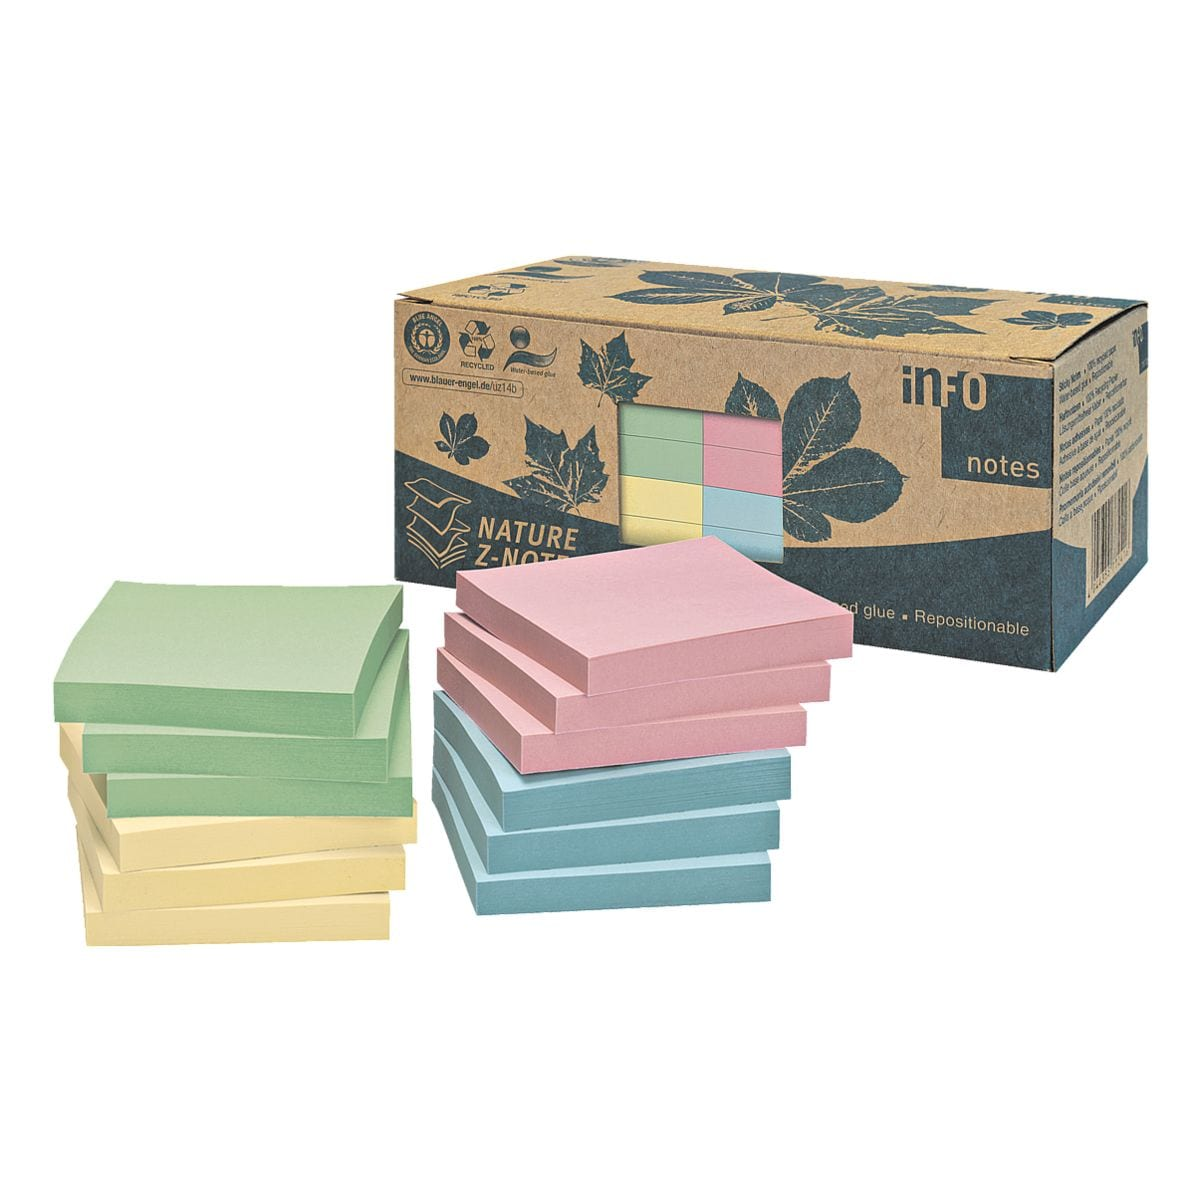 inFO lot de notes repositionables Recycling Z-Notes 7,5 x 7,5 cm, 1200 feuilles au total, couleurs assorties